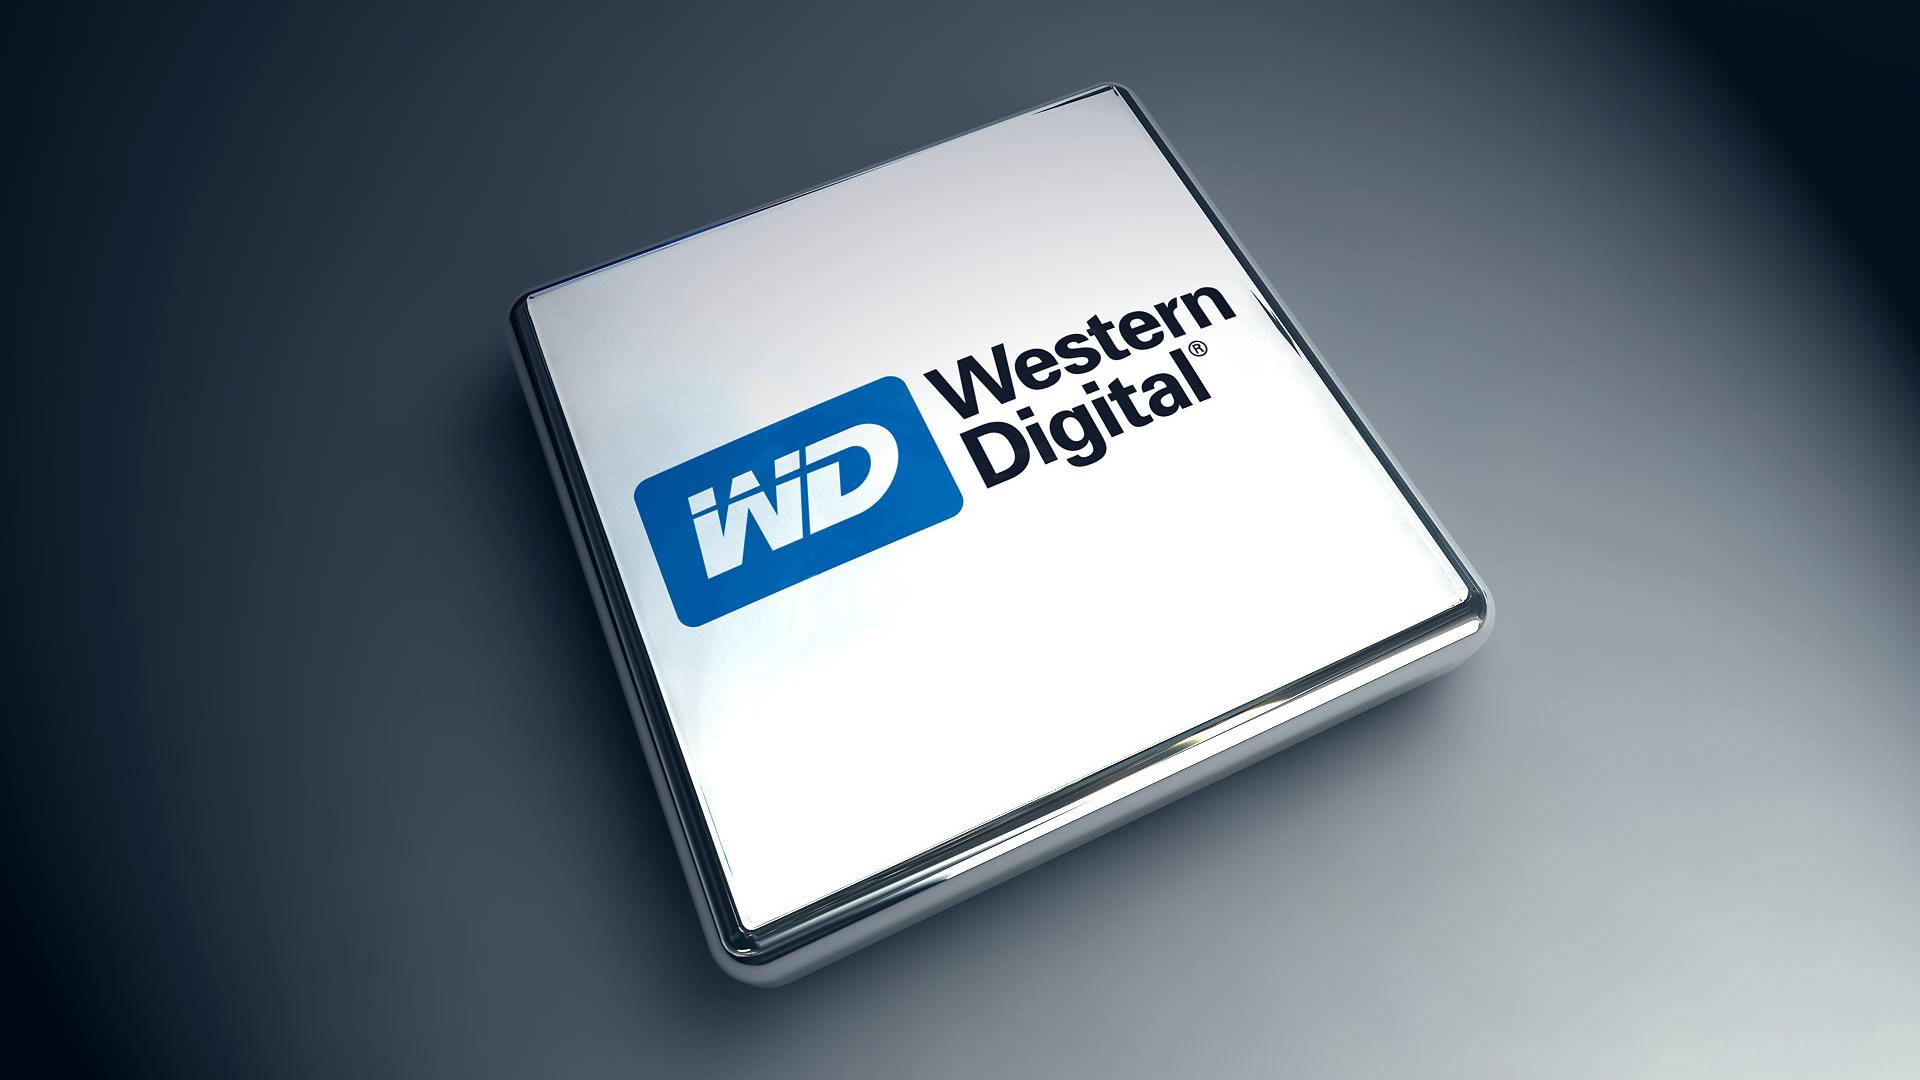 Вышла самая маленькая флешка в мире на 512 ГБ от WD